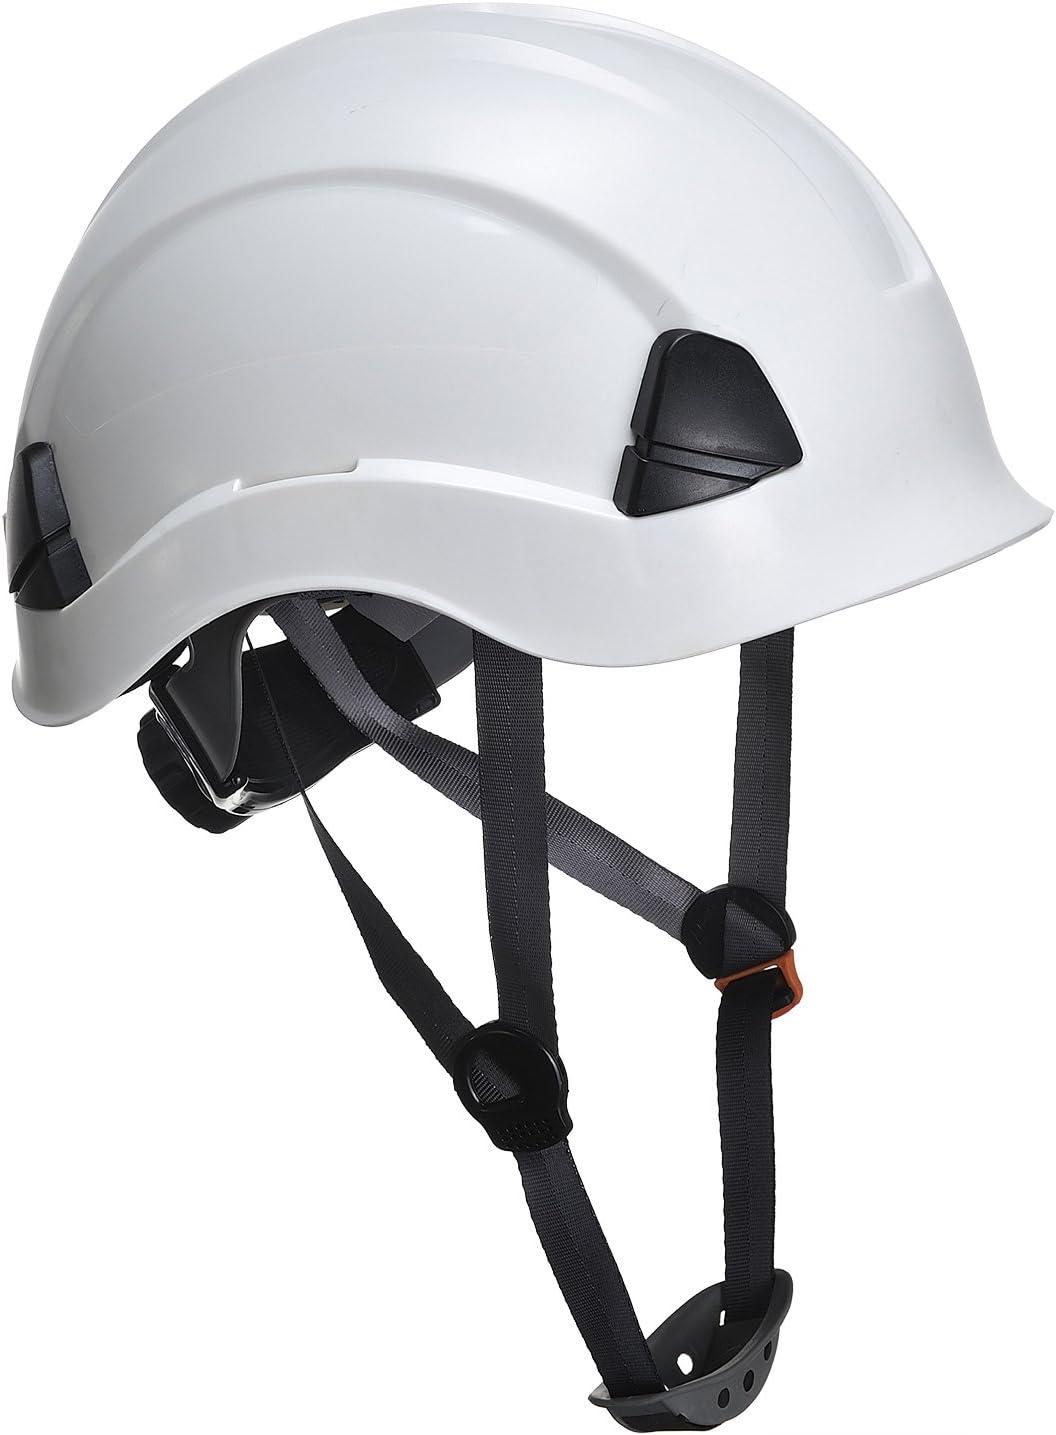 Portwest PS53 - Casco resistente para trabajo en altura, Blanco, 52-63cm